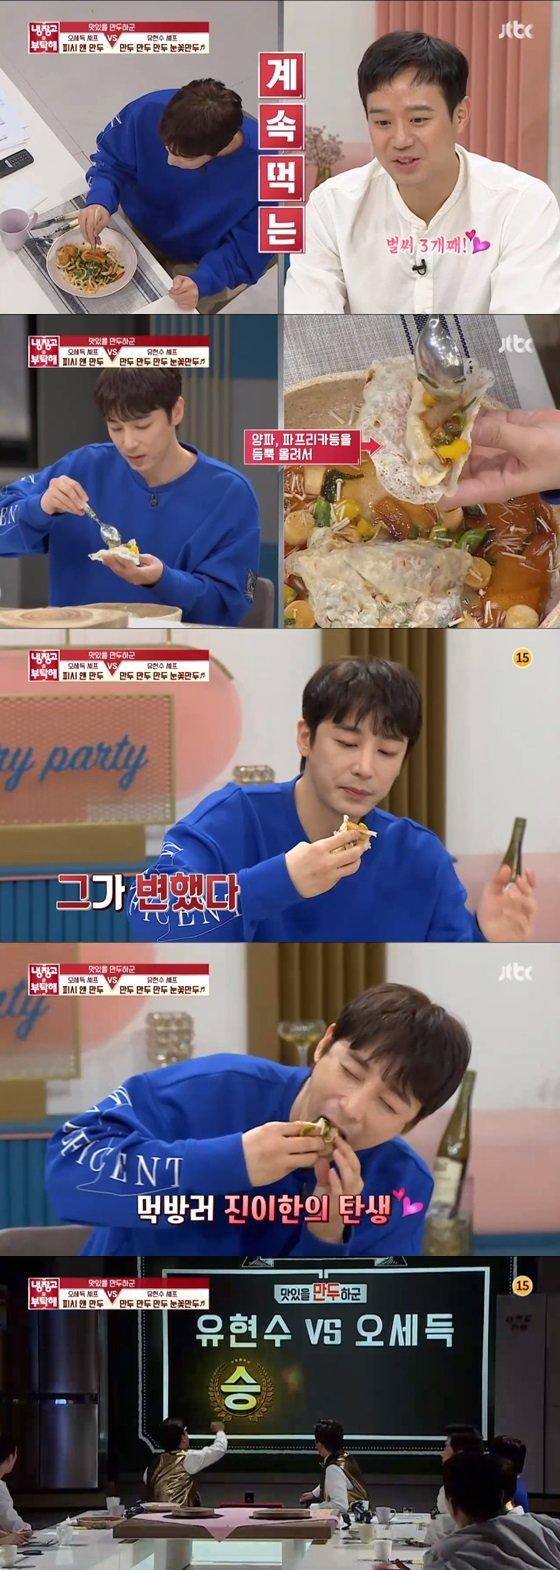 /사진= JTBC 예능프로그램 \'냉장고를 부탁해\' 방송화면 캡쳐